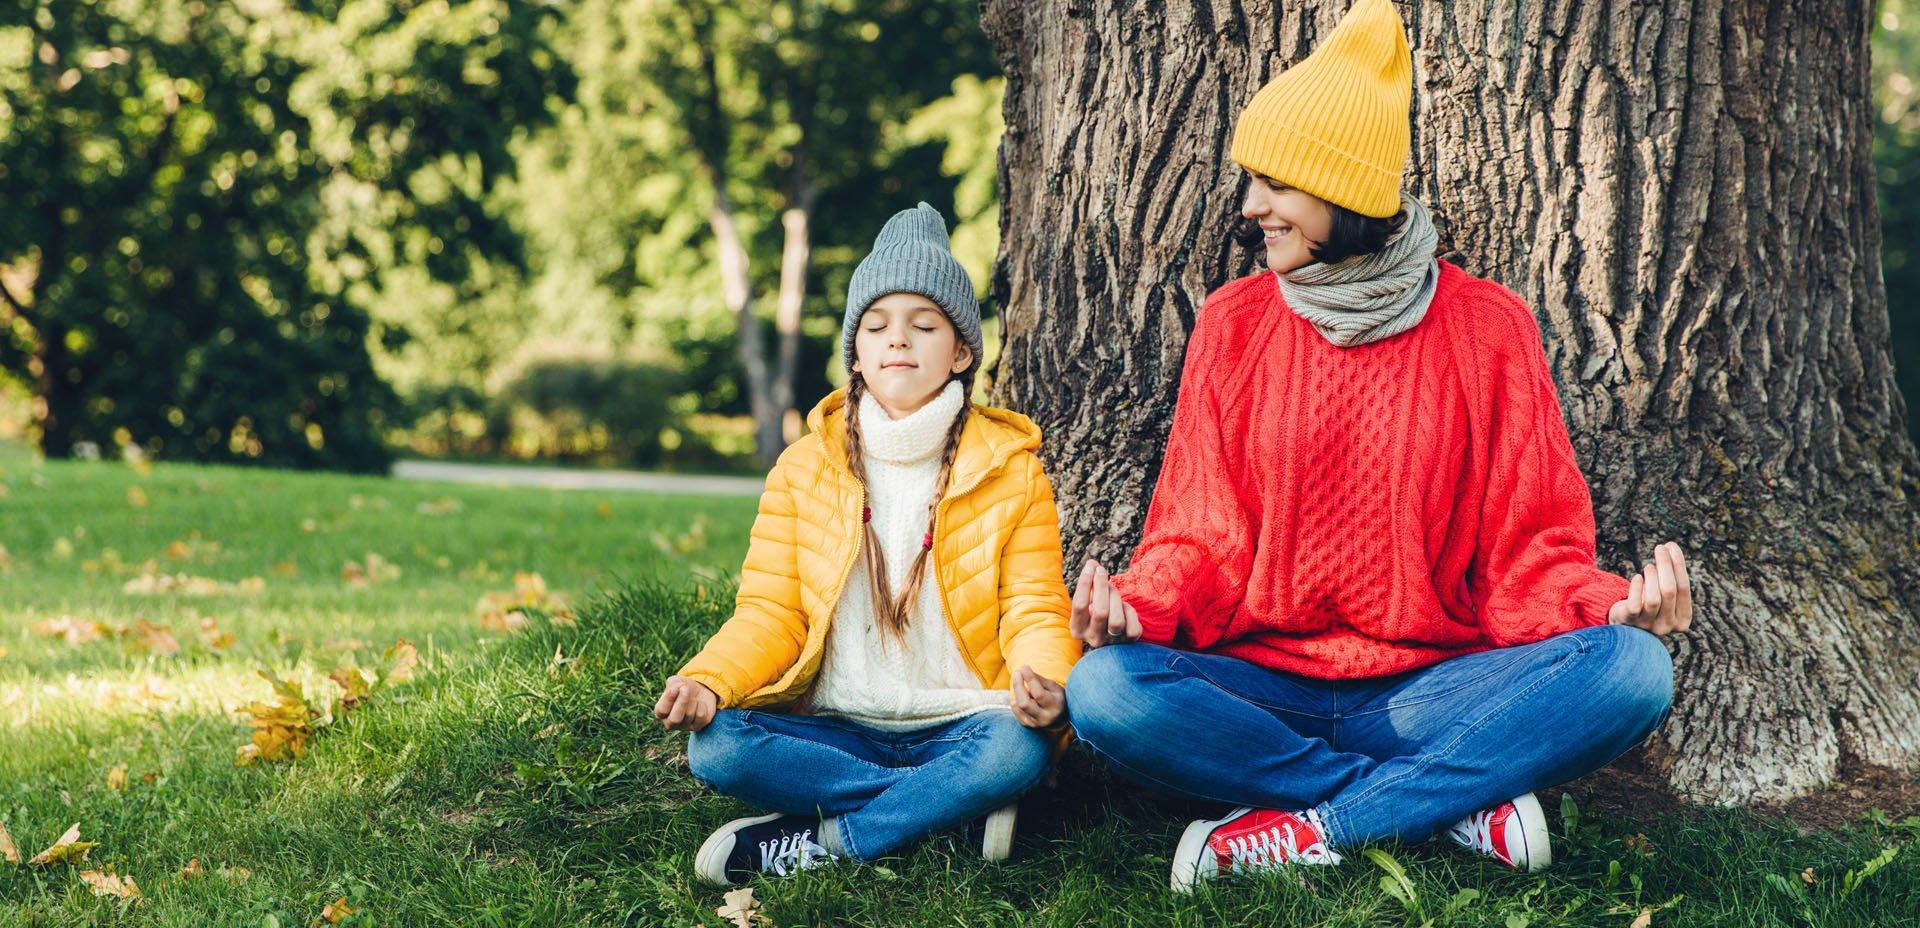 gestire l'ansia con tecniche di rilassamento e meditazione